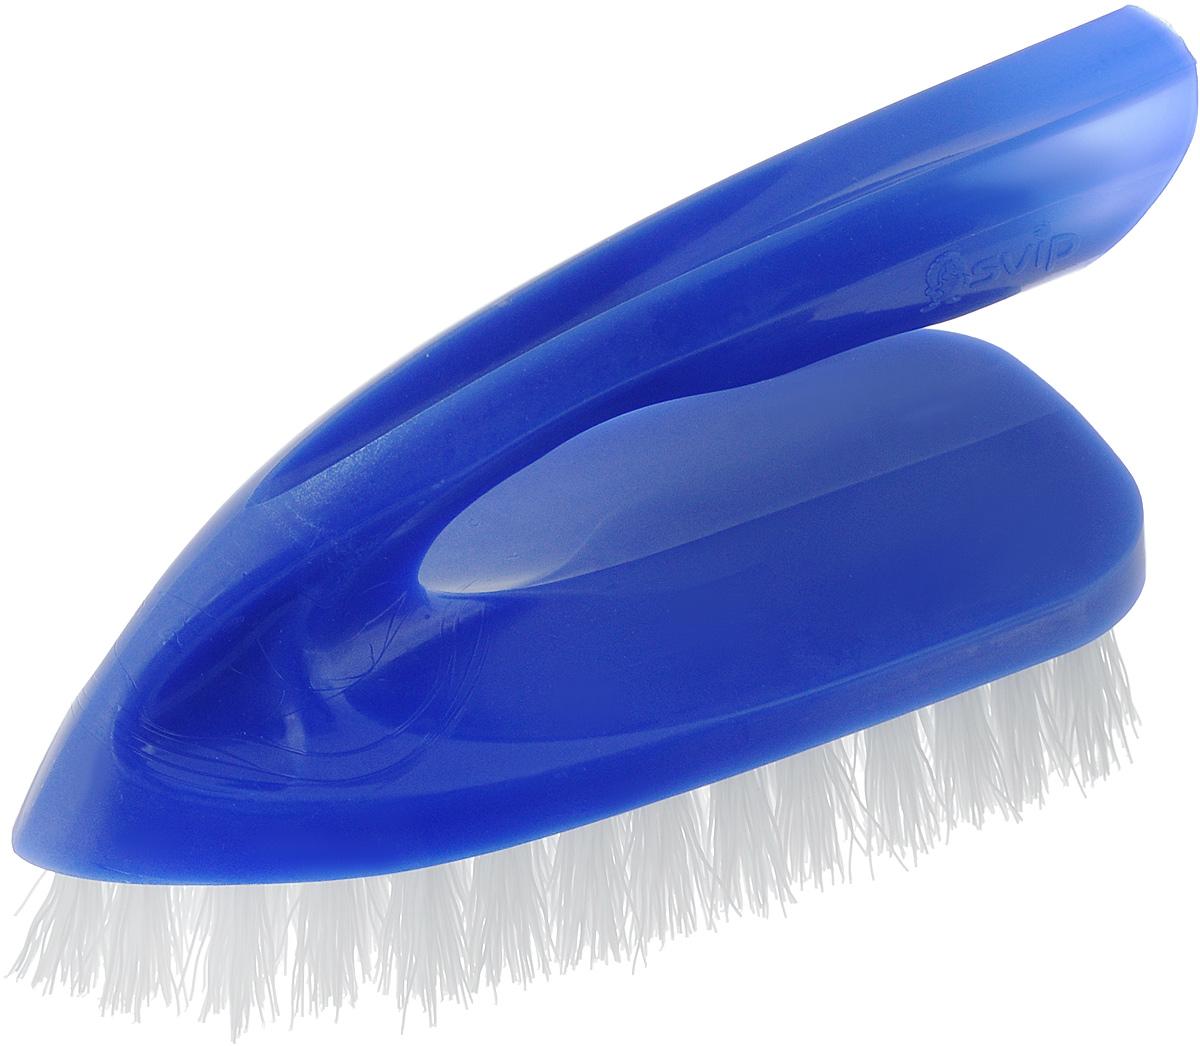 Щетка для одежды Svip Утюжок Мега. Классика, цвет: синий, 14 х 6 х 8,5 смSV3834СН-36РSЩетка для одежды Svip Утюжок Мега. Классика, изготовлена из высококачественного полипропилена и предназначена для удаления ворсинок, волос, пыли и шерсти животных с различных поверхностей. Щетка имеет удобную ручку, обеспечивающую удобный хват. Щетина средней жесткости не повреждает поверхность. Щетка для одежды Svip Утюжок Мега. Классика станет незаменимым аксессуаром в вашем доме или автомобиле. Длина щетины: 2,5 см, Размер щетки: 14 х 6 х 8,5 см.